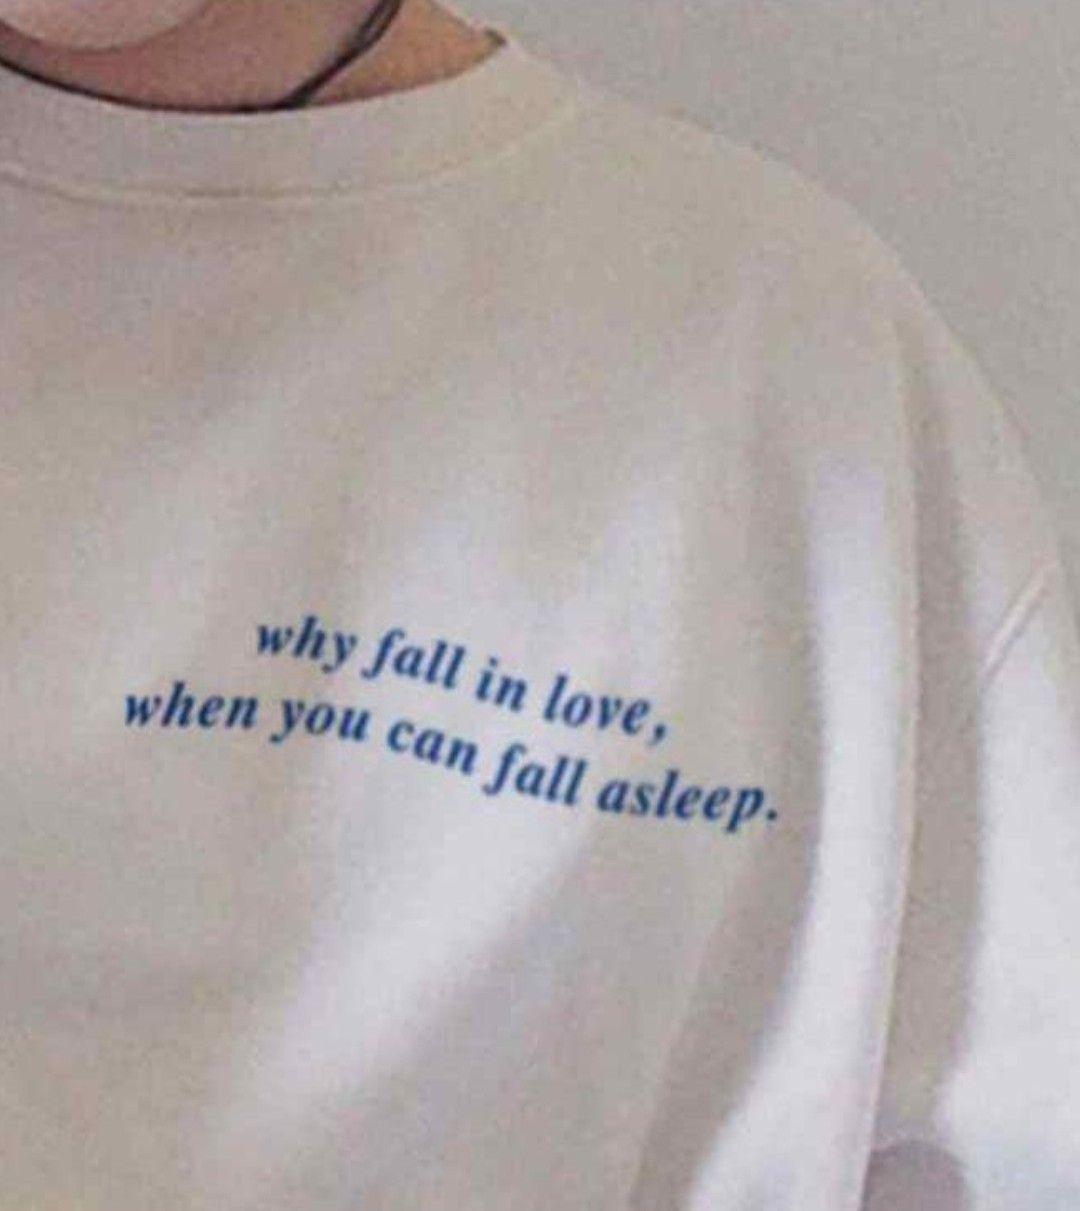 #fallmemes